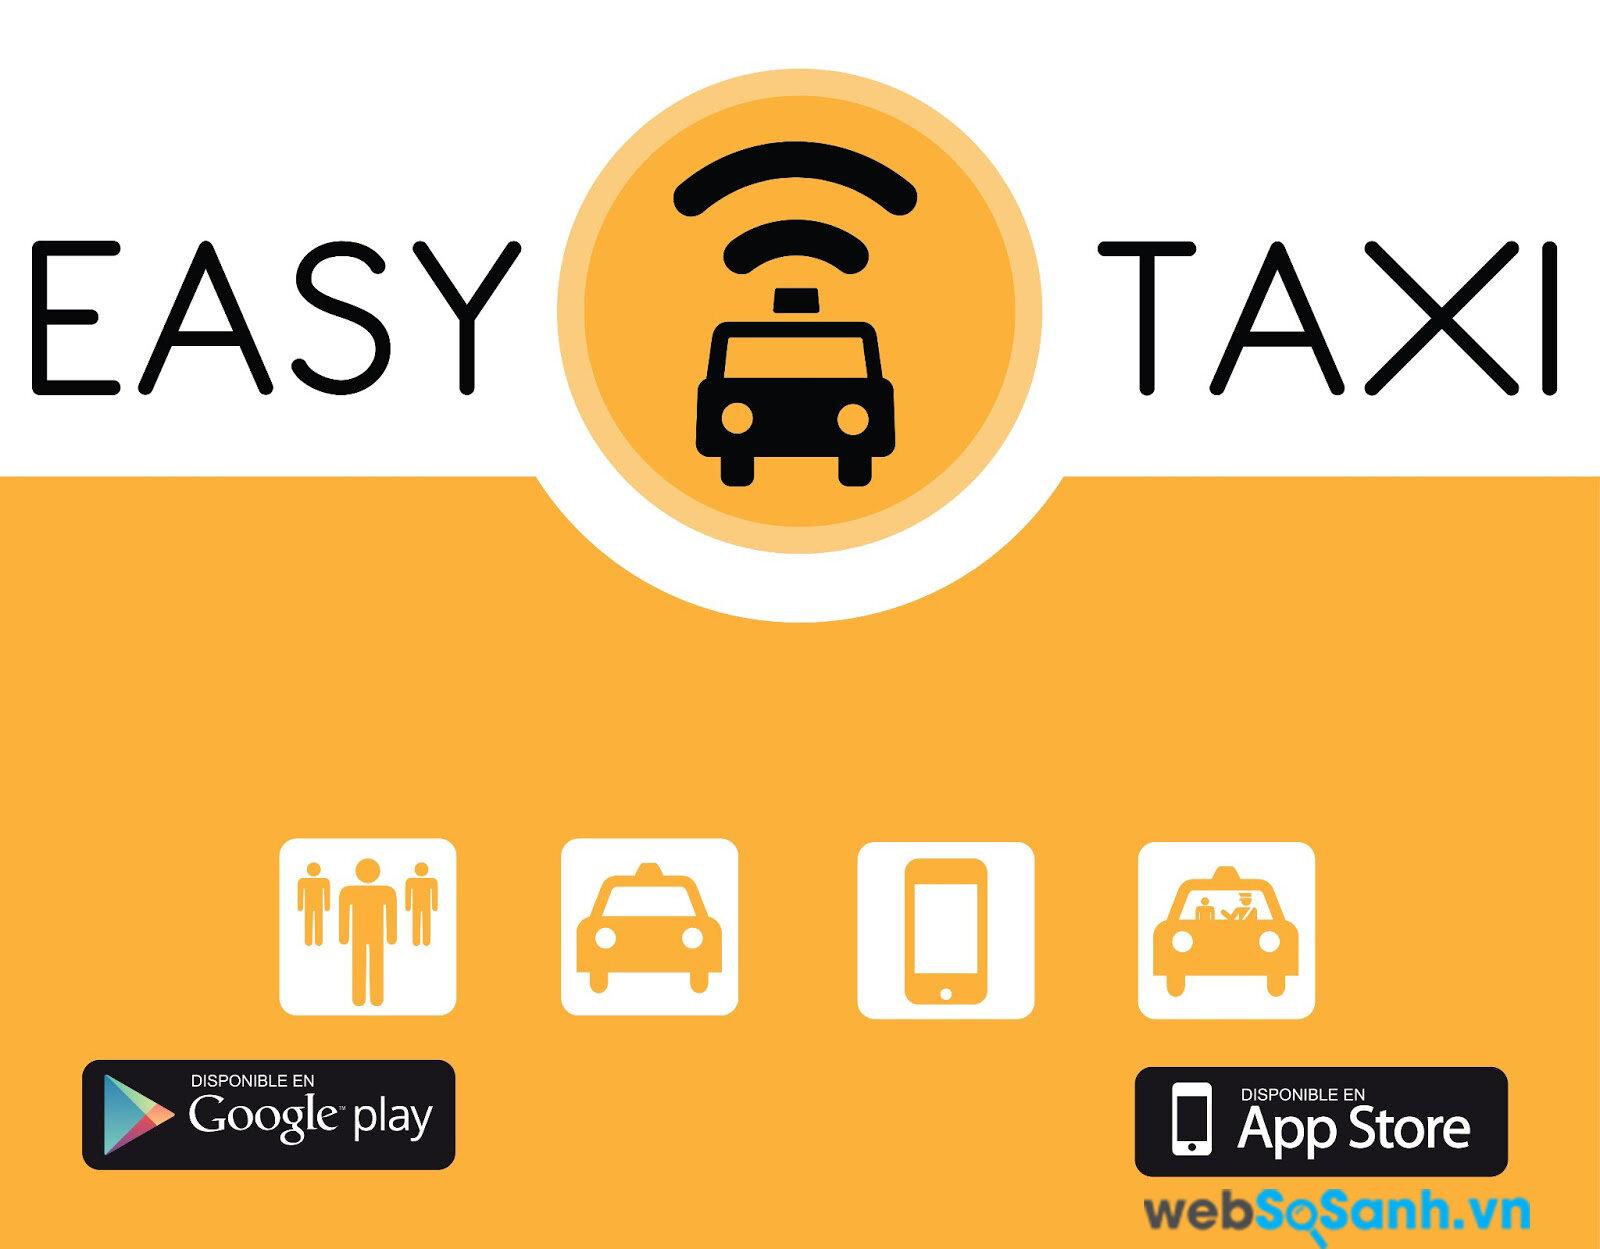 Easy Taxi có thể sử dụng được trên iOS, Android và Winphone